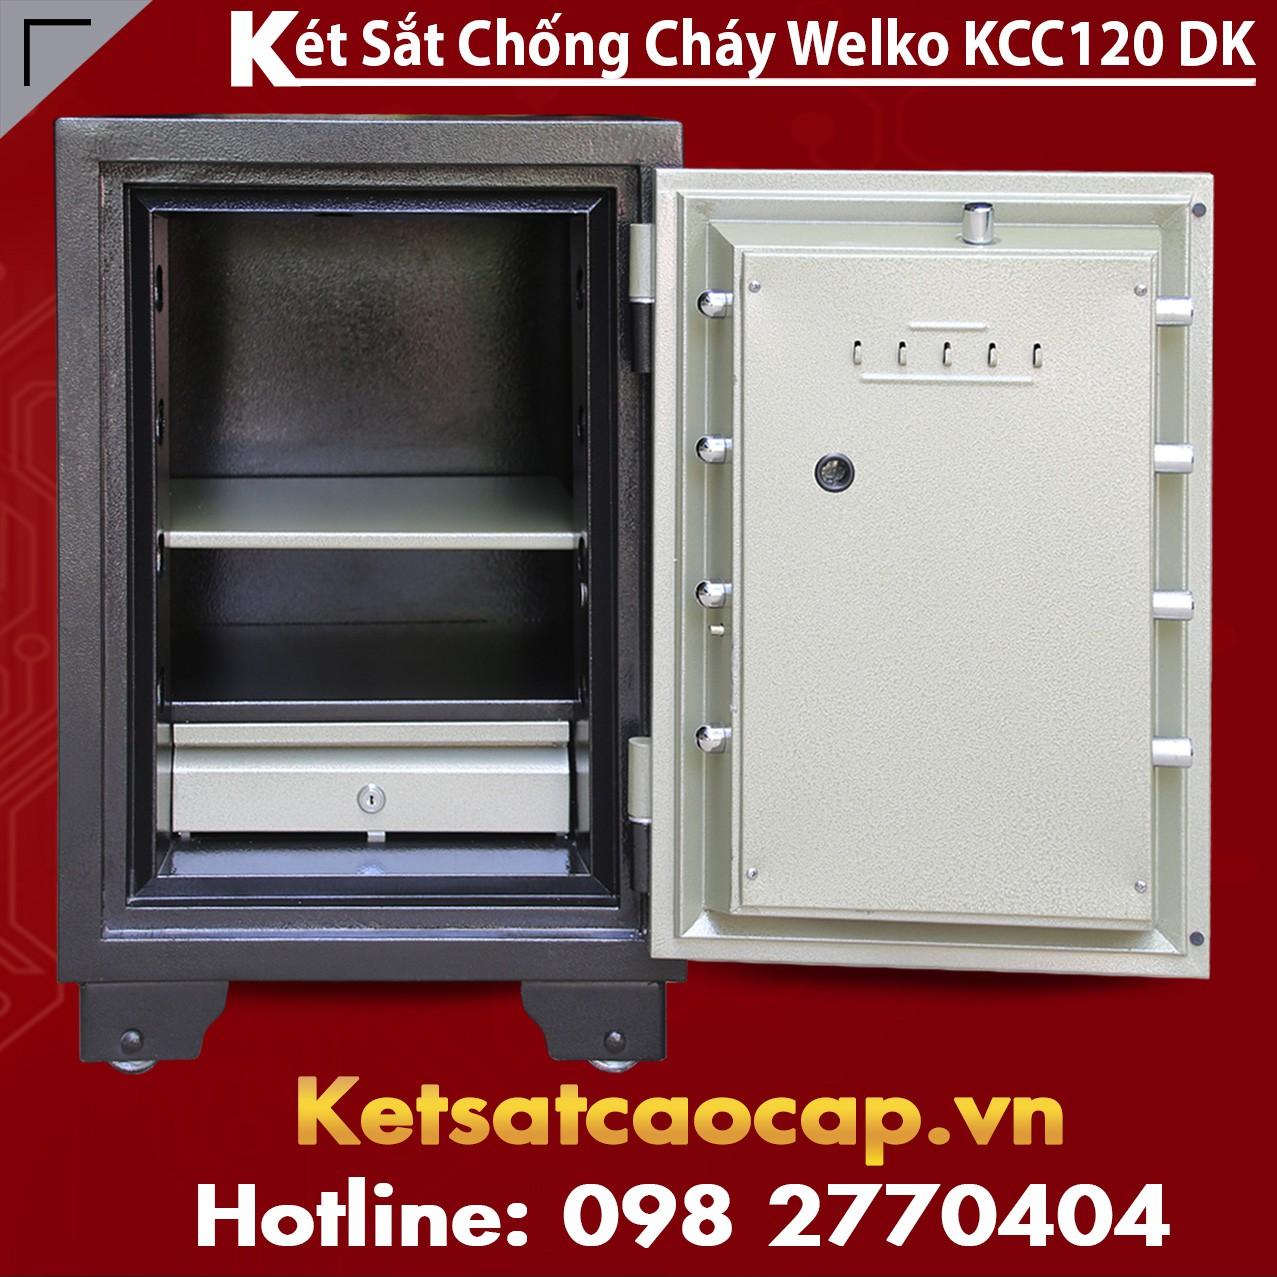 Két Sắt Nhật Bản WELKO KCC120 DK